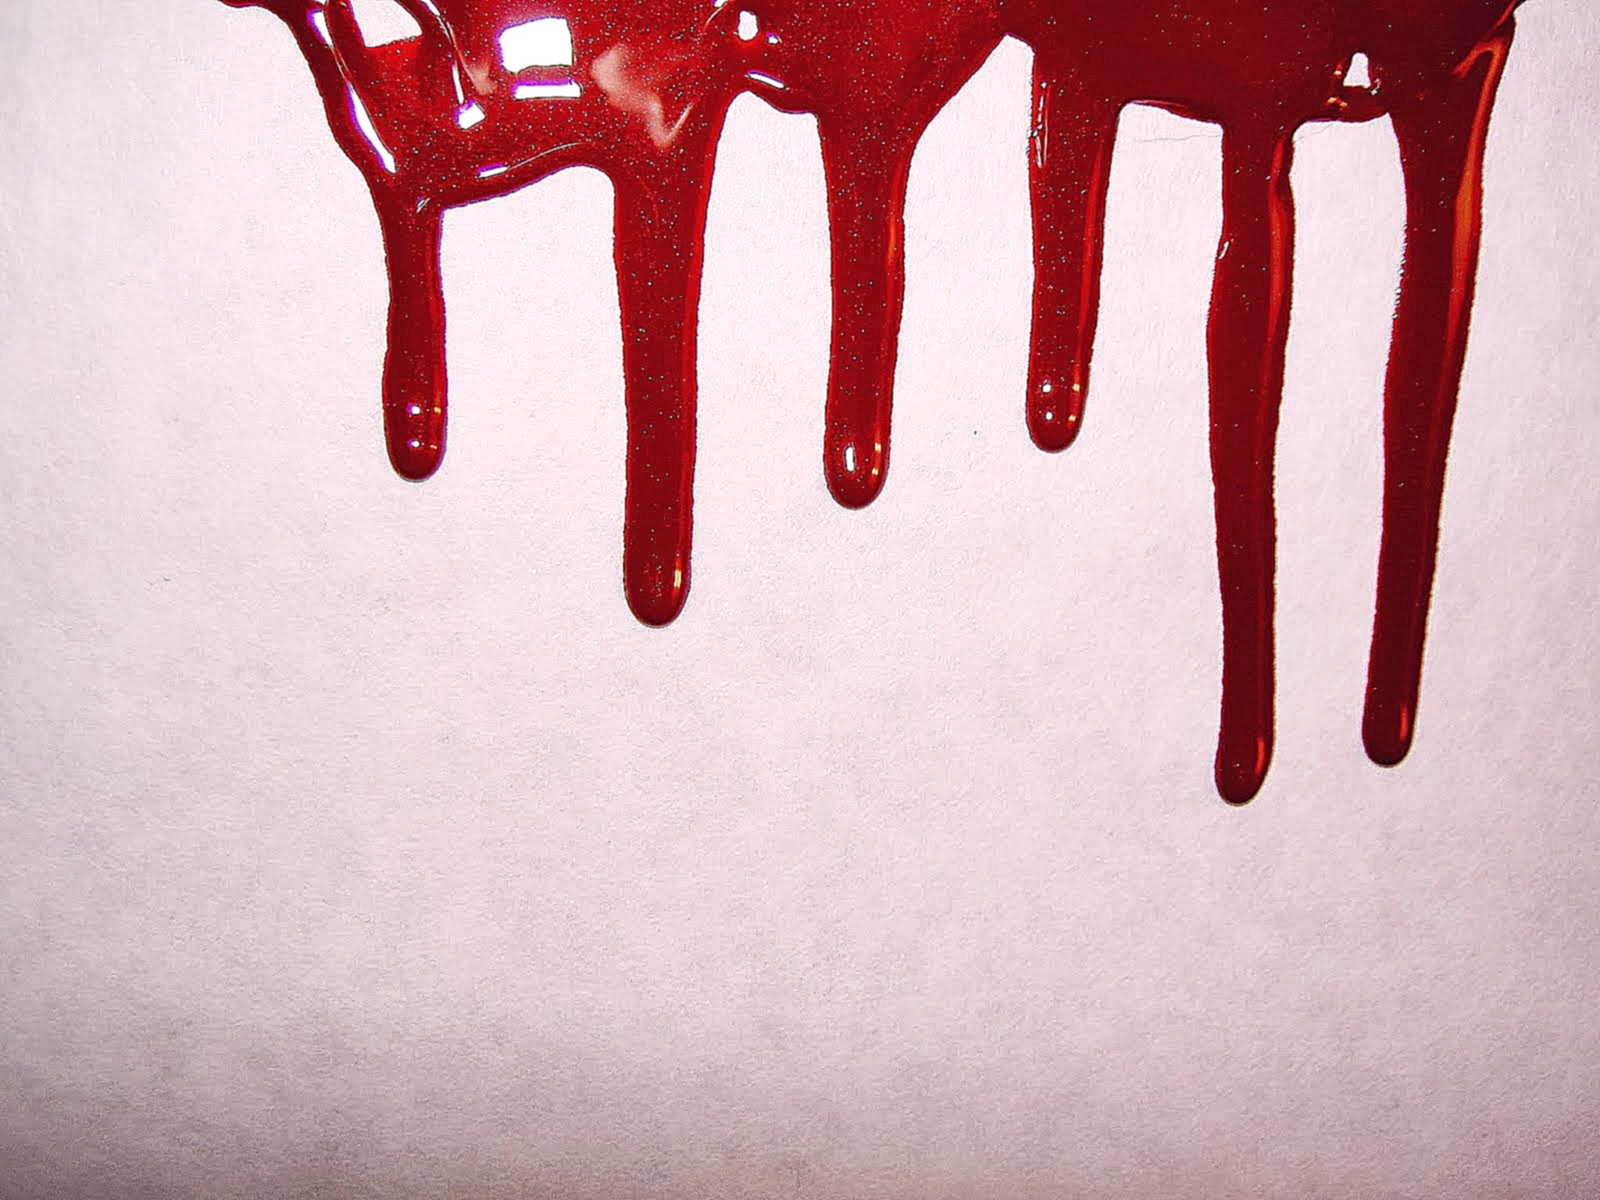 álomkönyv vörös folt a kezén)